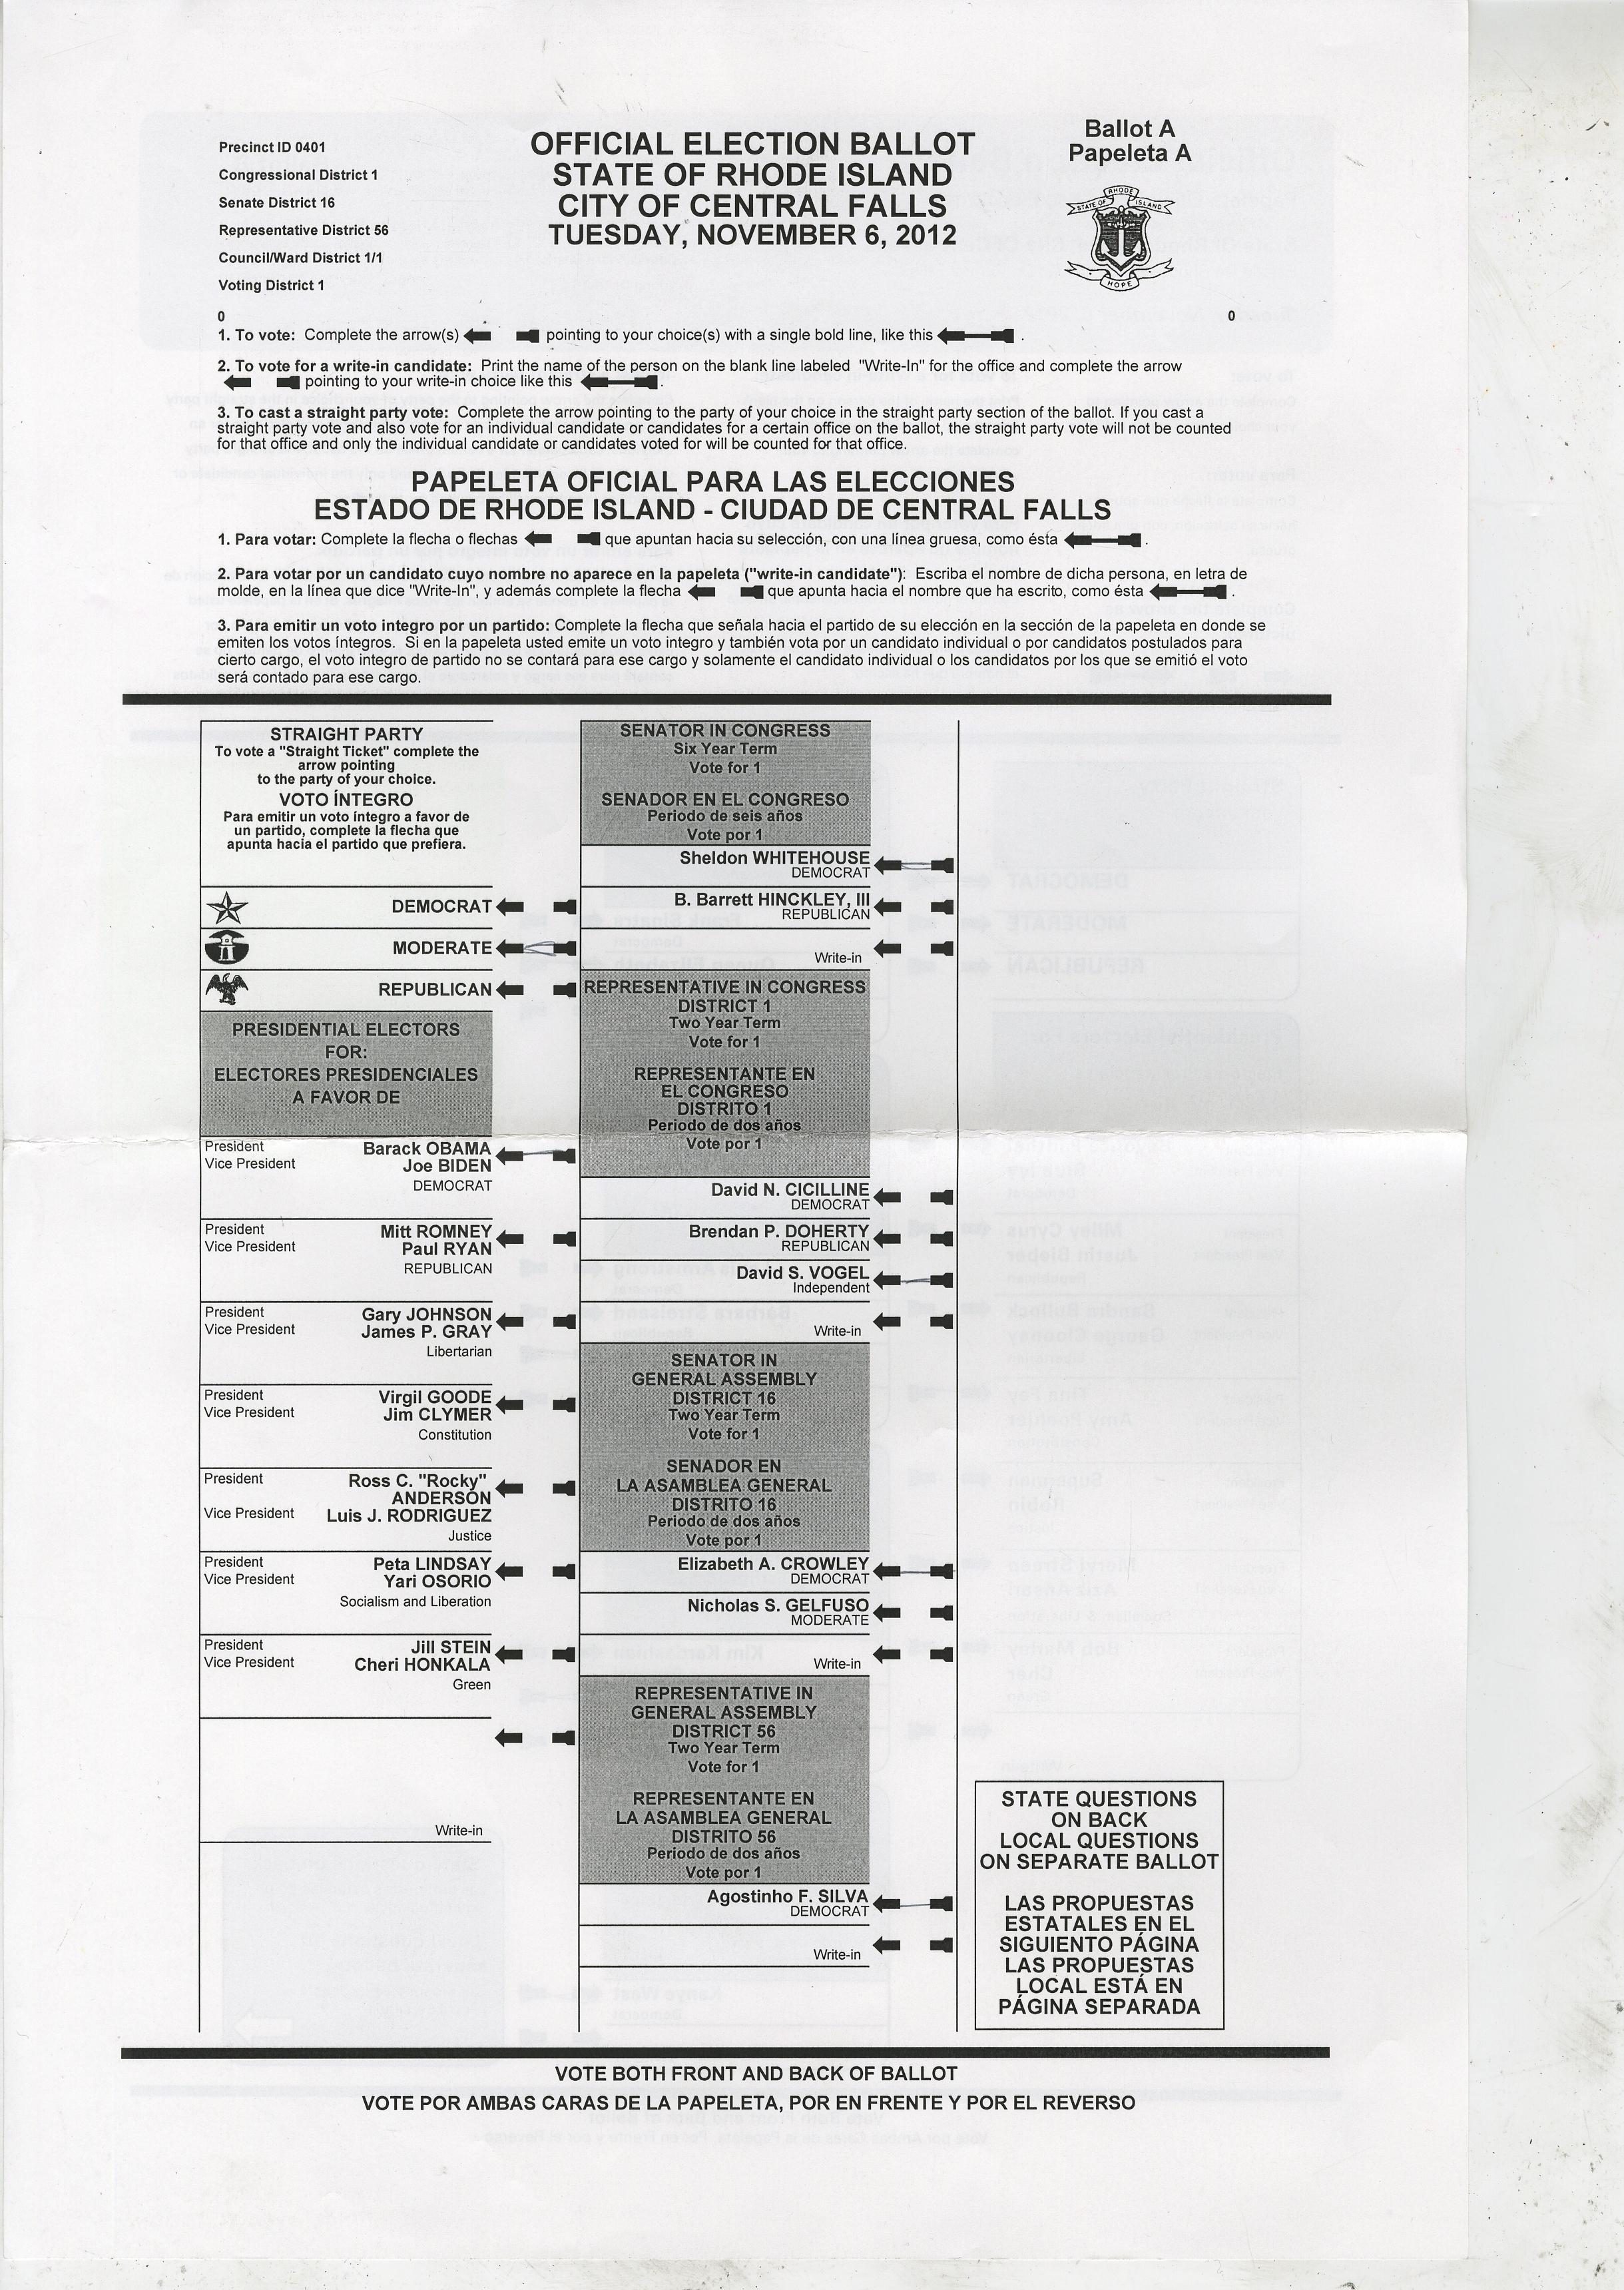 ballot6.jpg